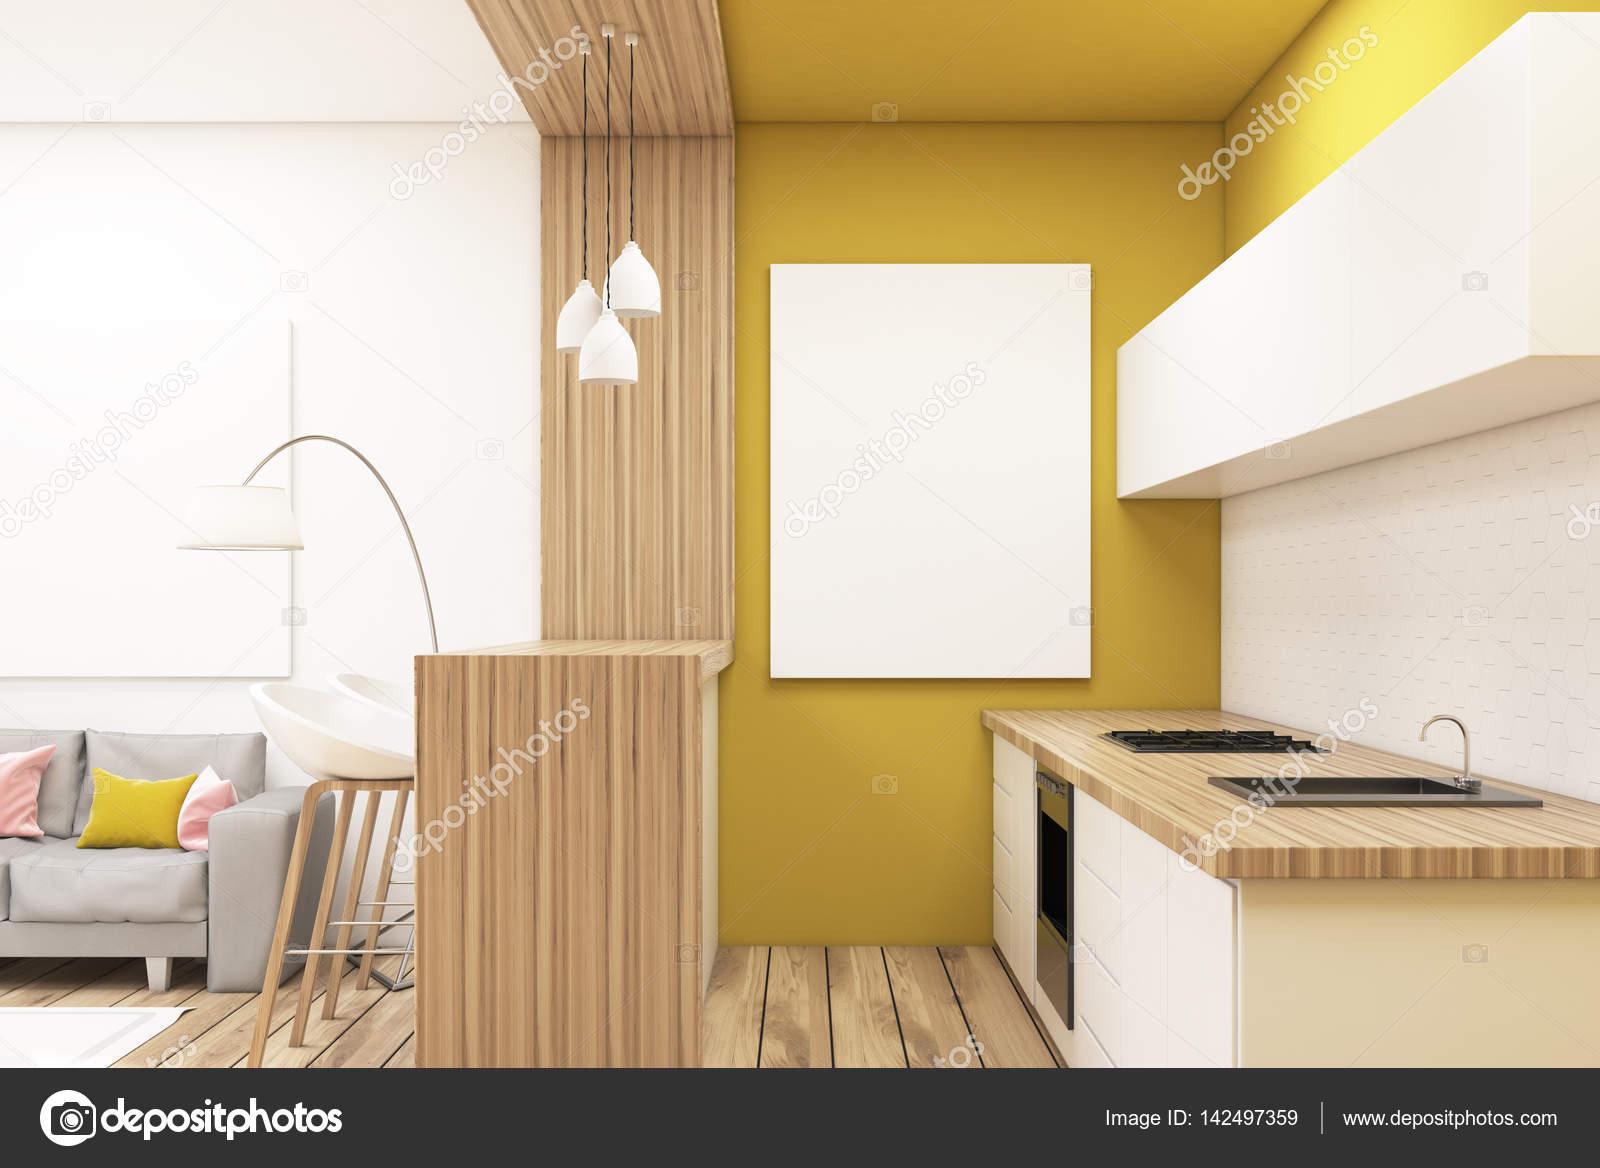 Coin Cuisine Dans Un Appartement. Il Y A Un Comptoir, Un Bar Avec Une  Rangée De Tabourets Et Une Image Verticale, Accroché Sur Un Mur Jaune.  Rendu 3D, ...